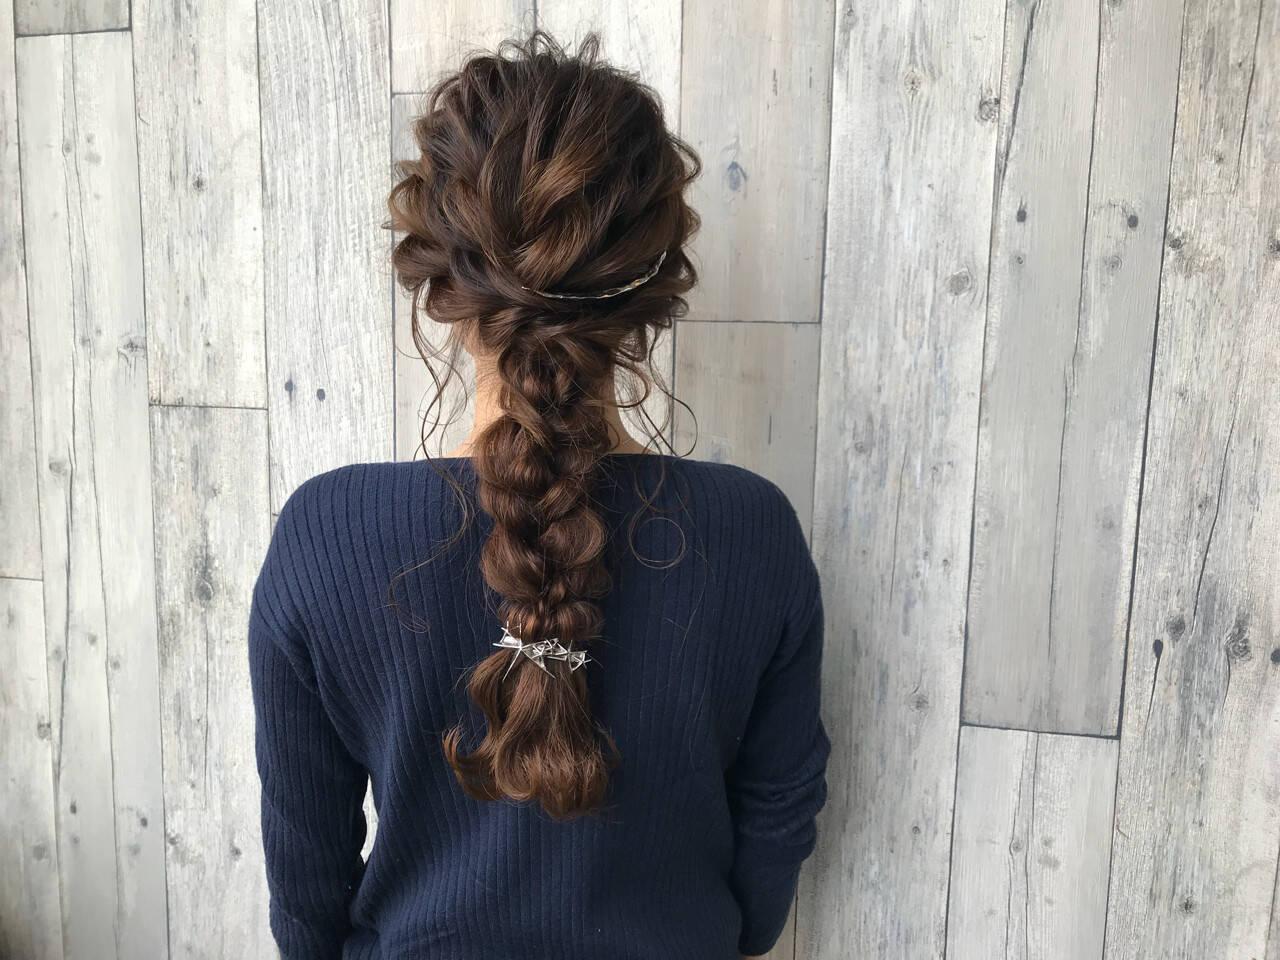 イルミナカラー ナチュラル 結婚式 編み込みヘアスタイルや髪型の写真・画像